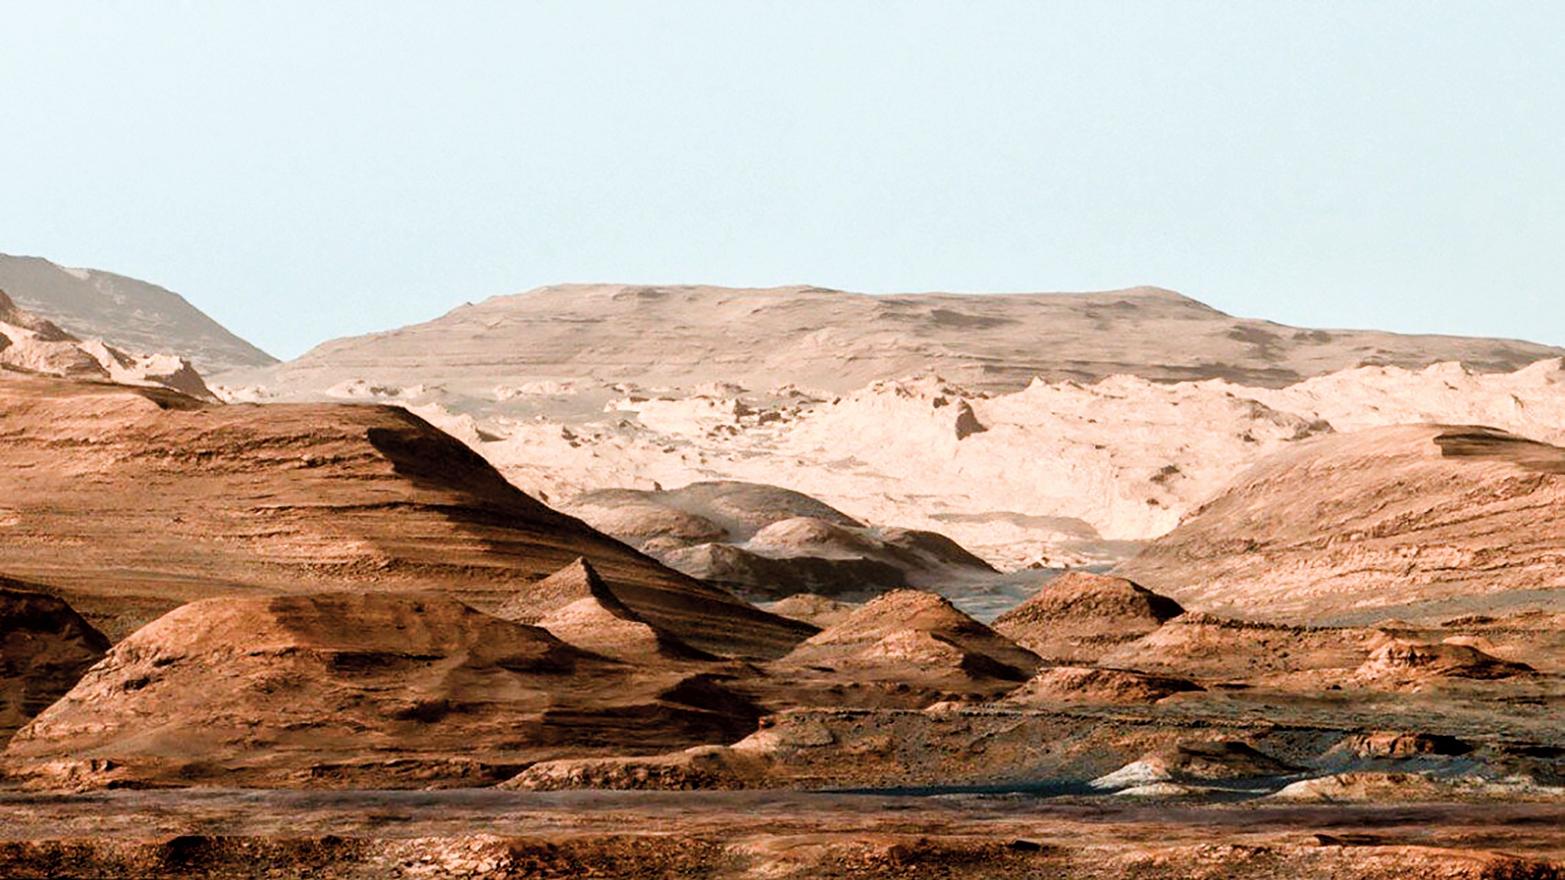 火星蓋爾撞擊坑內夏普山附近地貌。(NASA/JPL)